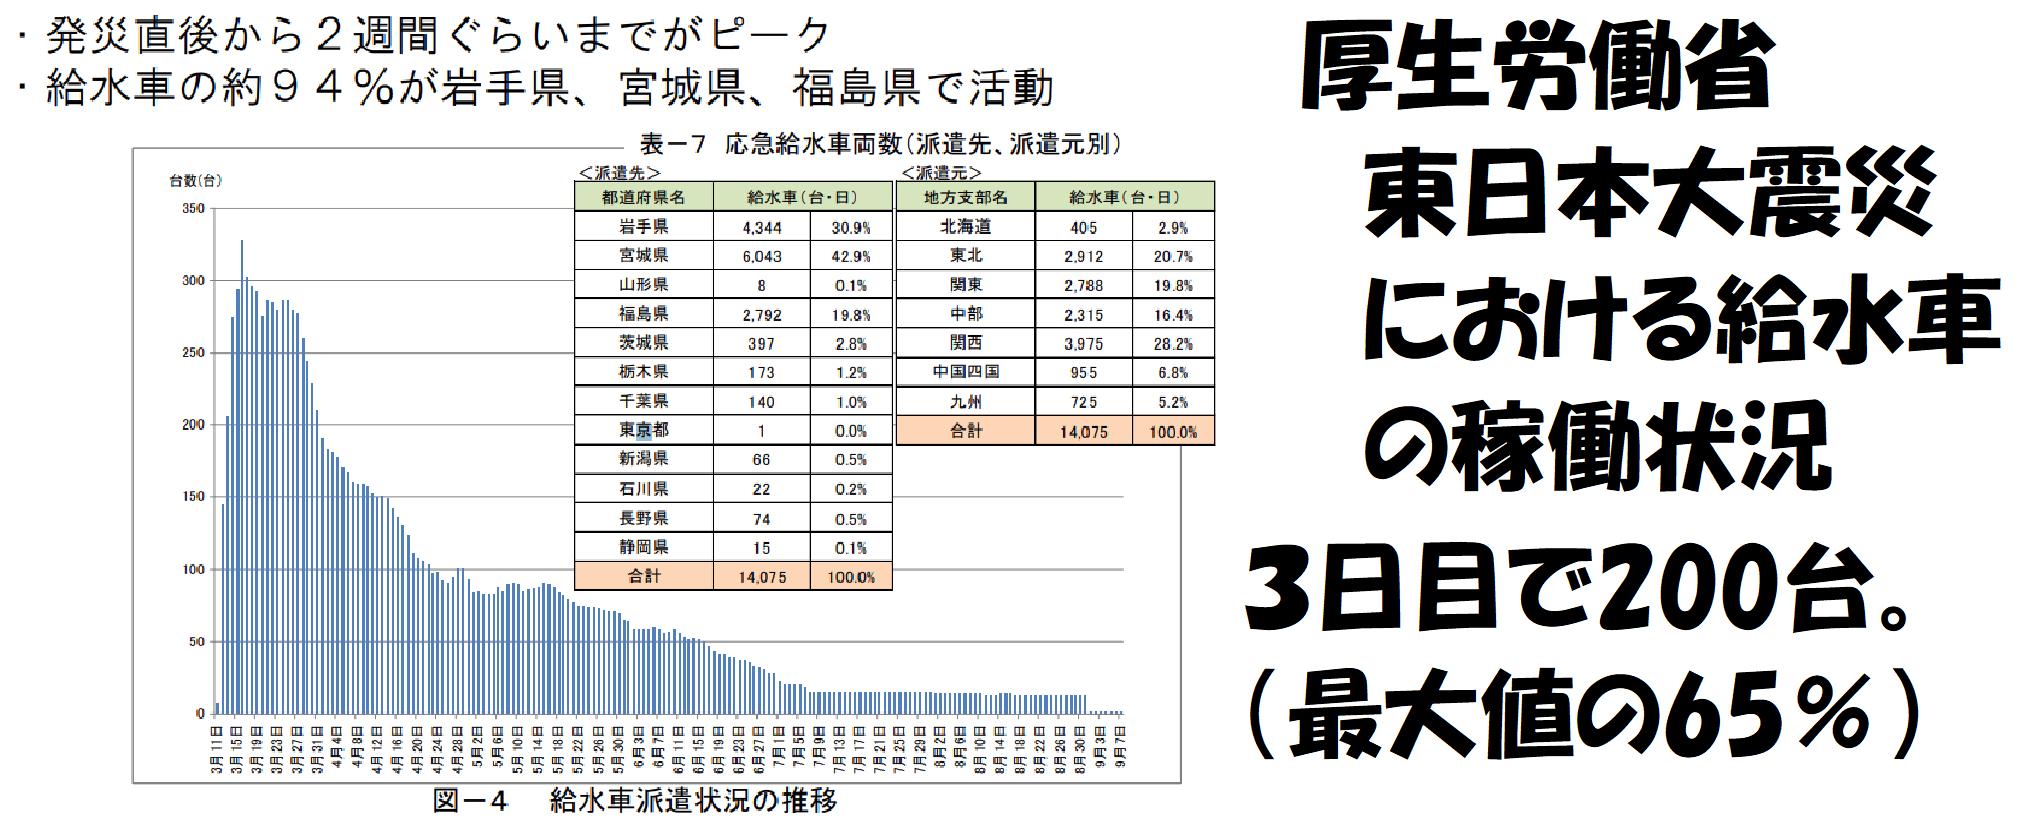 災害時の給水車の稼働状況(東日本大震災)